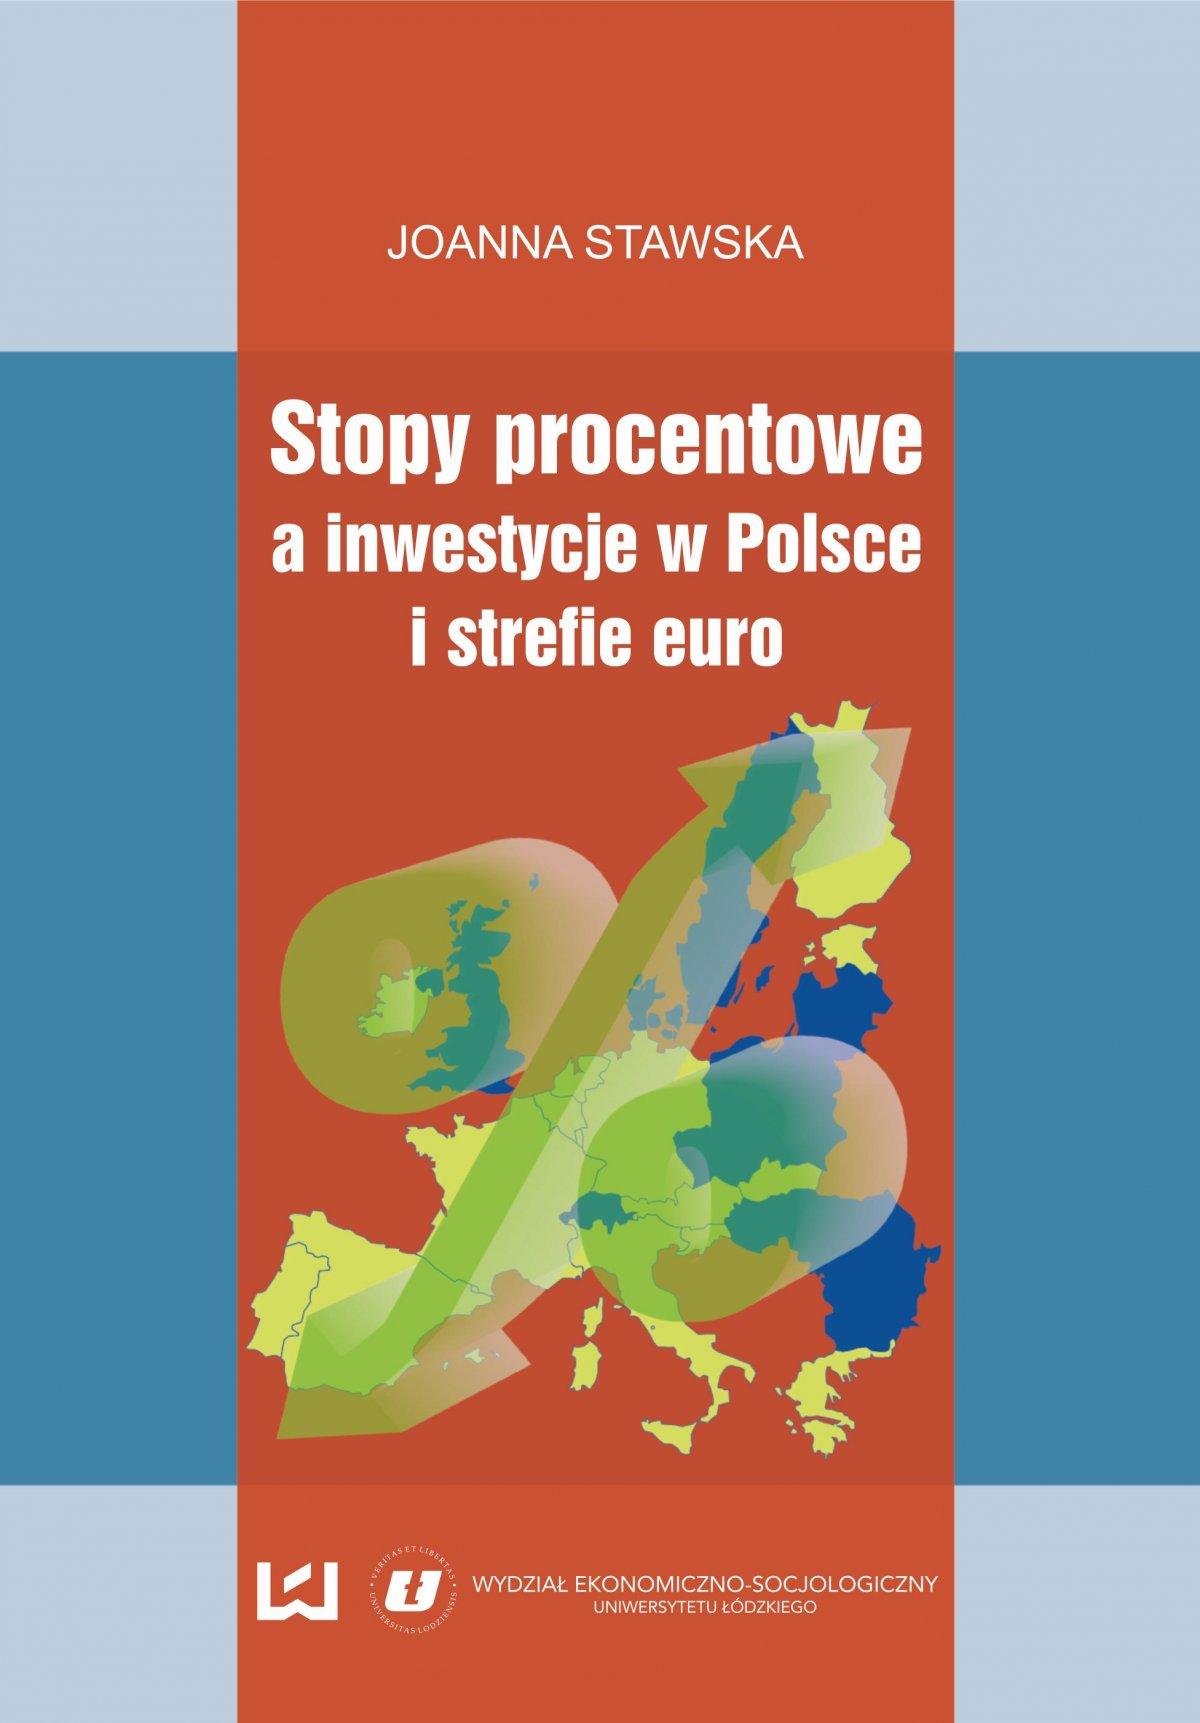 Stopy procentowe a inwestycje w Polsce i strefie euro - Ebook (Książka PDF) do pobrania w formacie PDF